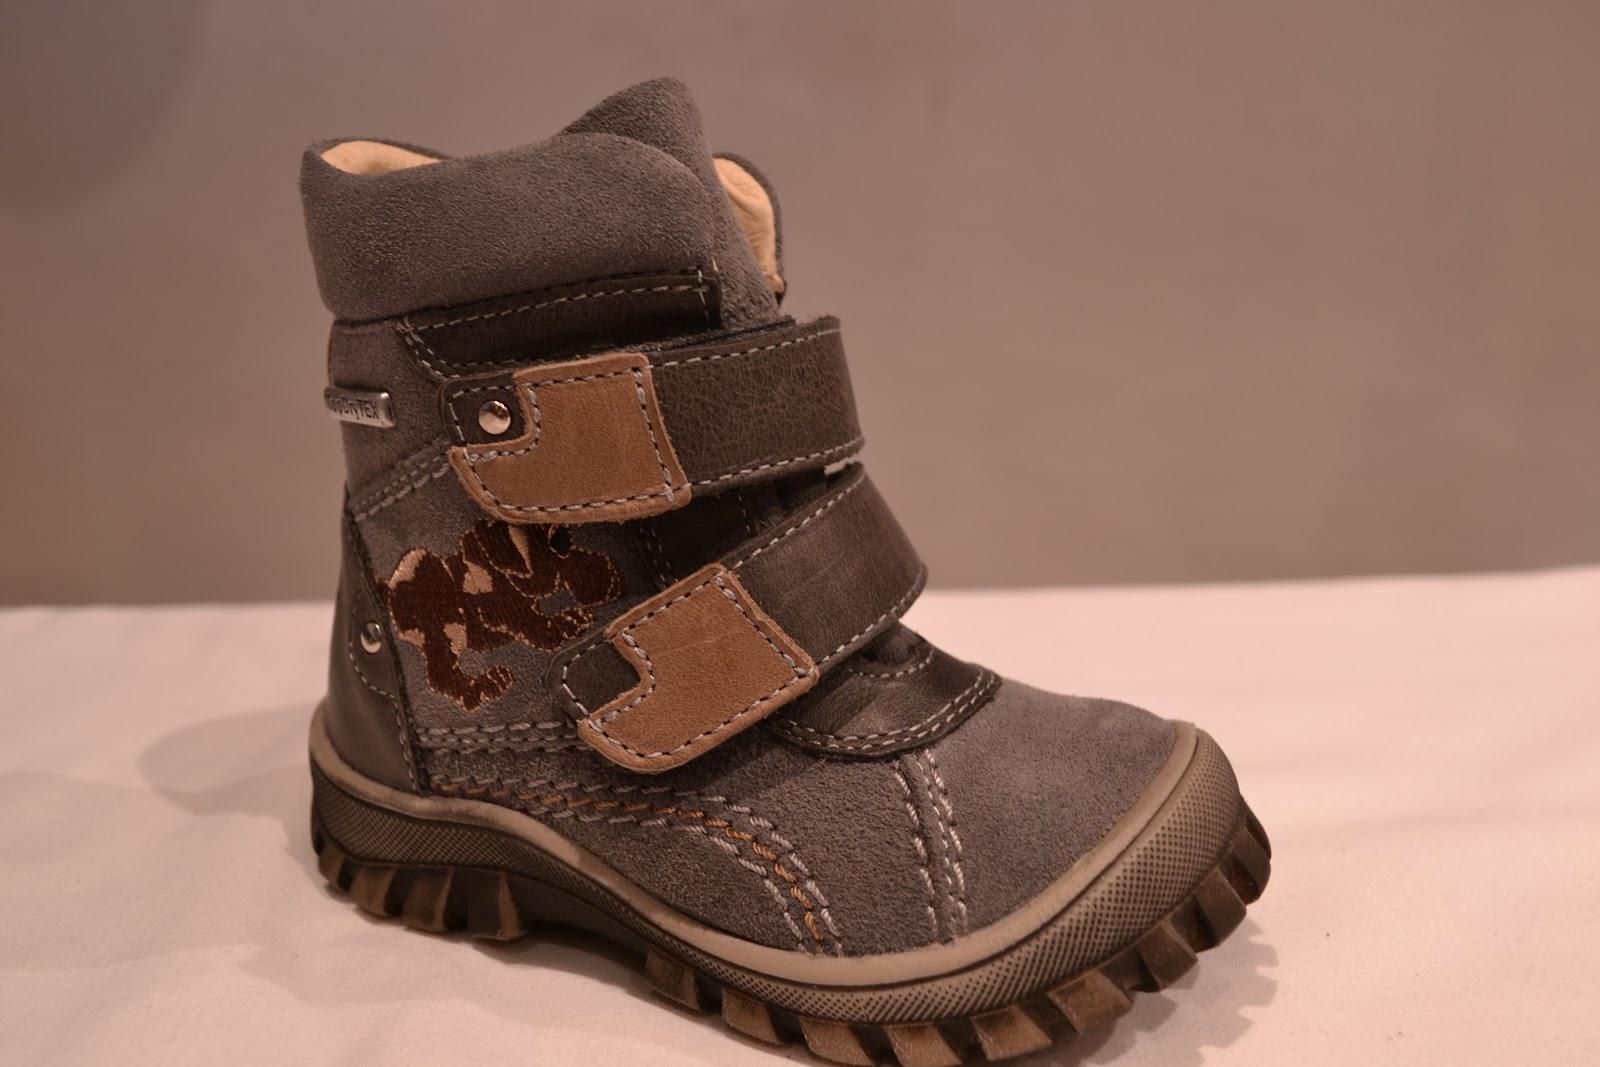 b625a68420 Egy jó téli cipő amellett, hogy meleg nem árt ha vízhatlan is, ami azt  jelenti, hogy hóban illetve esőben sem lesz vizes a gyerkőc lába.